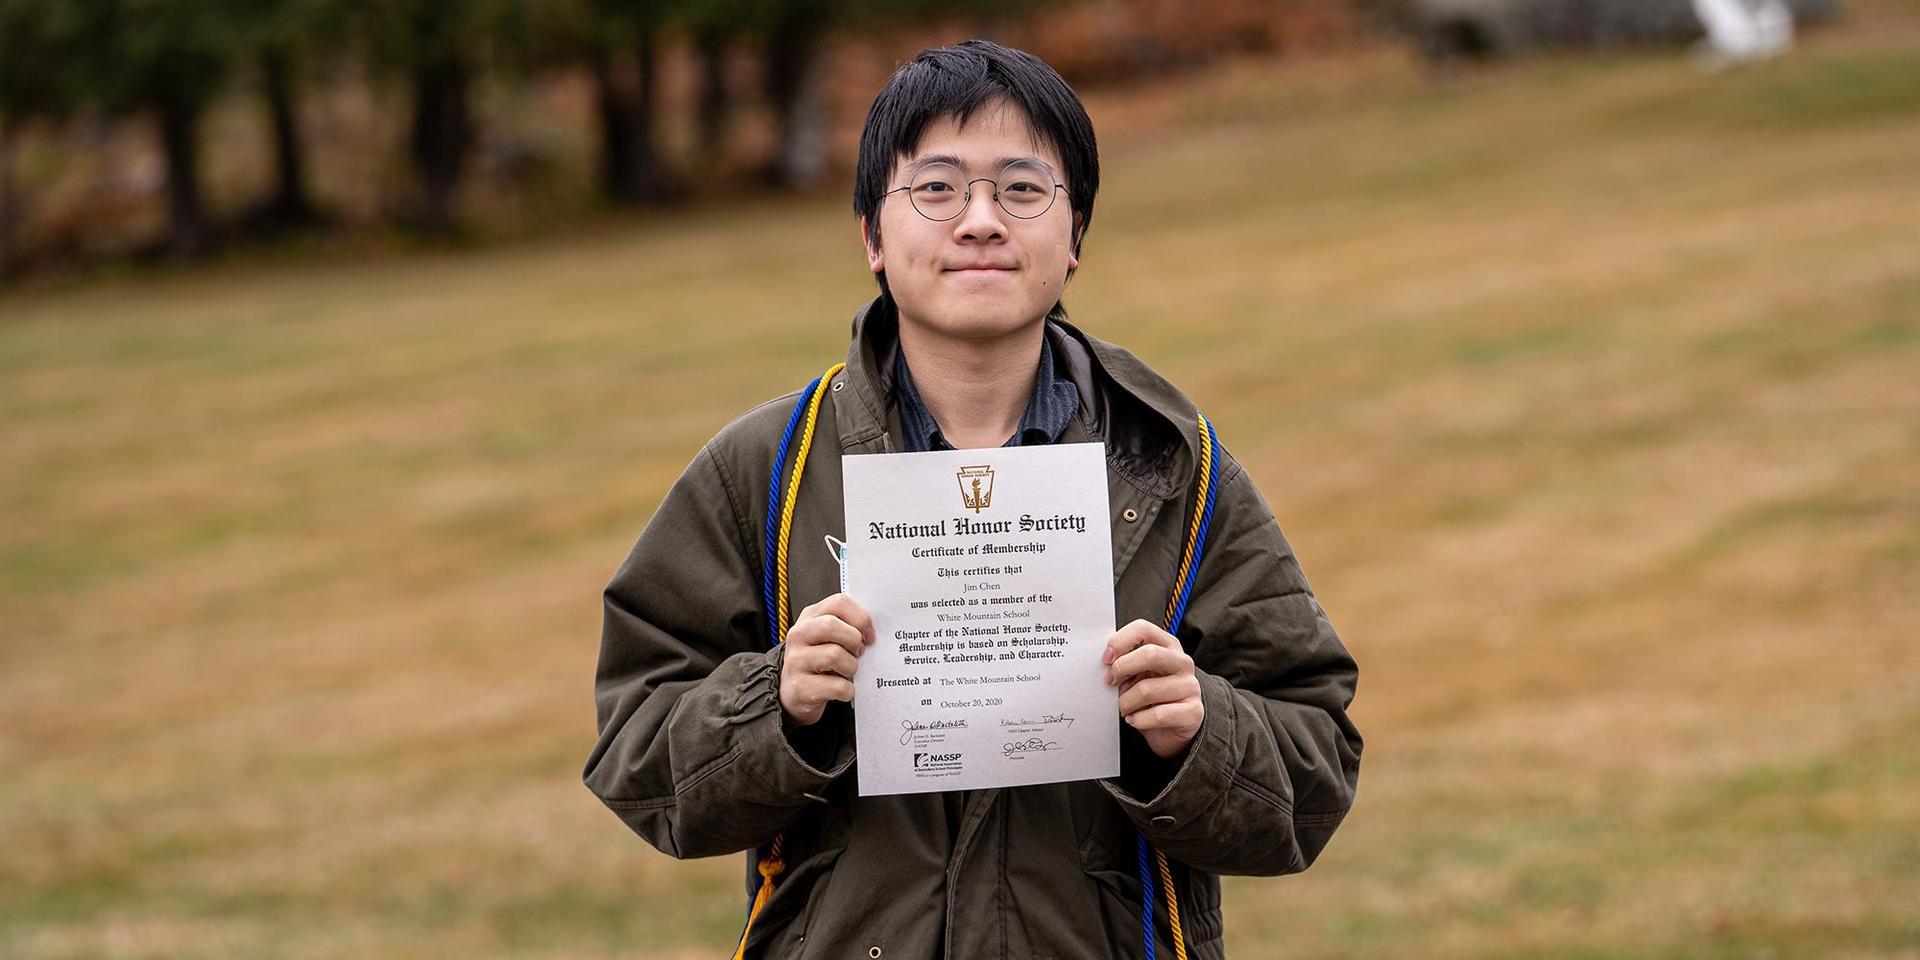 一个学生穿着他的国民健康保险制度的绳子,骄傲地炫耀他的国民健康保险制度证书.